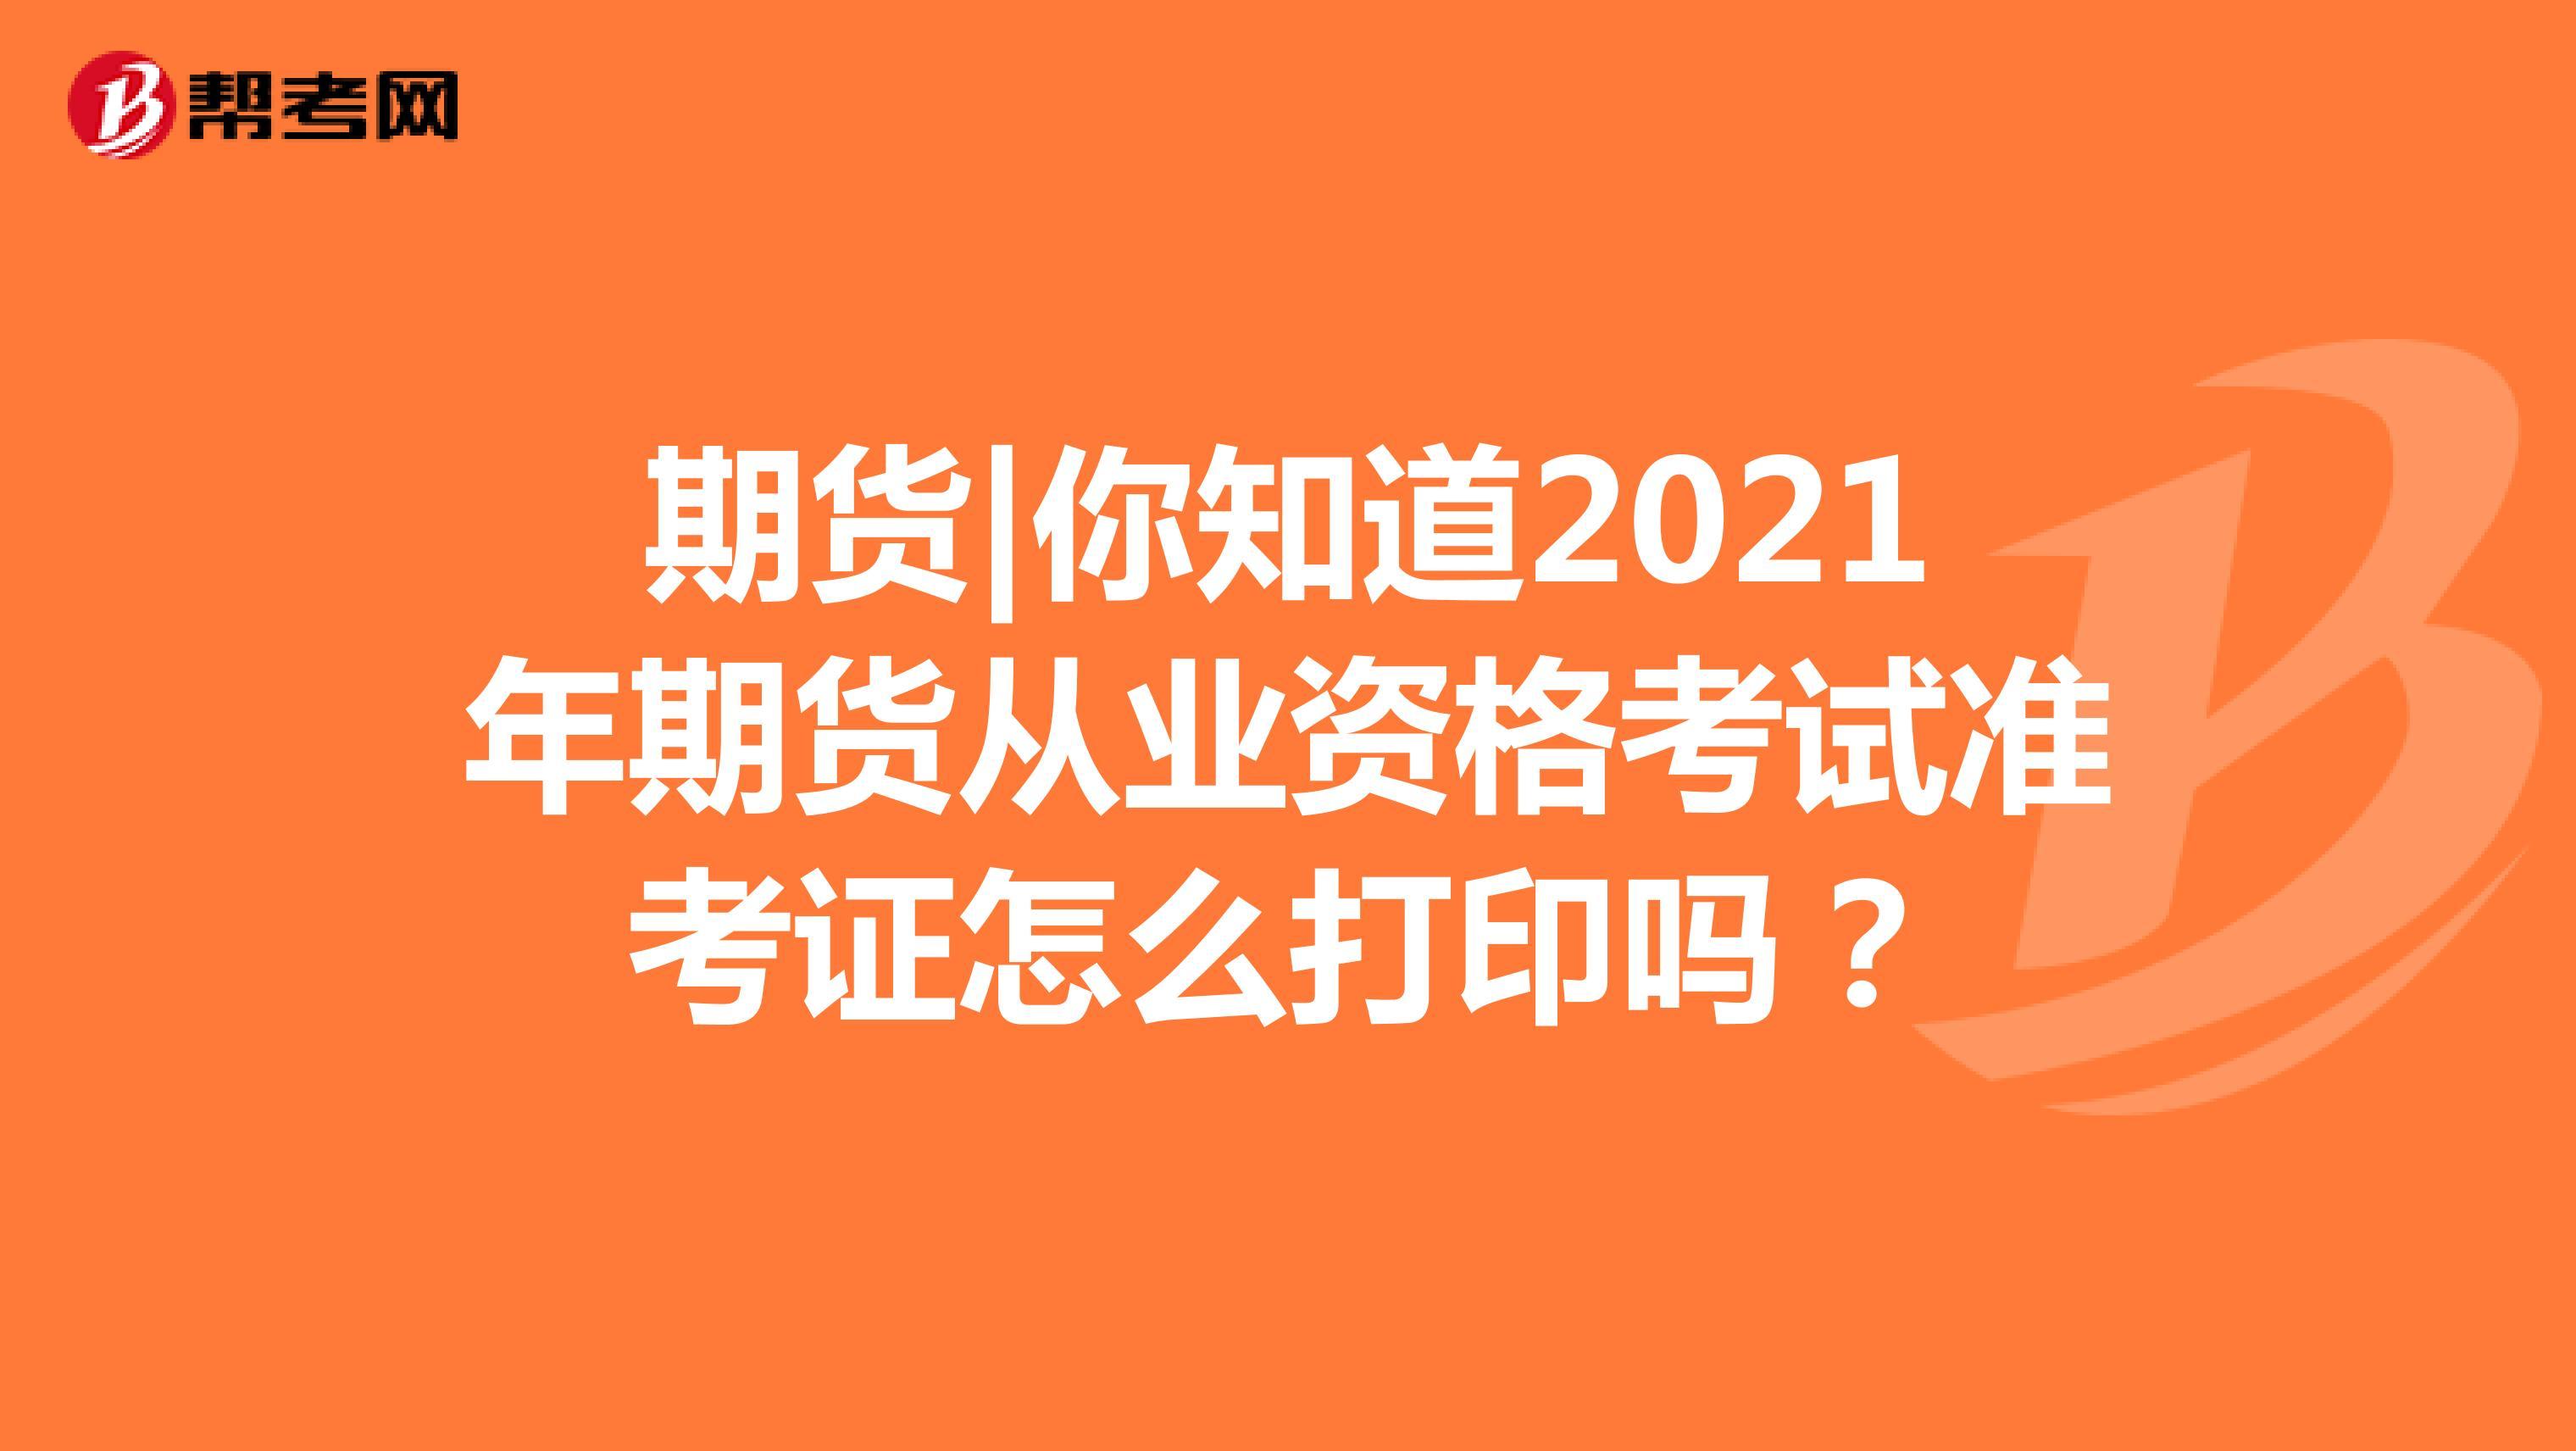 期貨|你知道2021年期貨從業資格考試準考證怎么打印嗎?